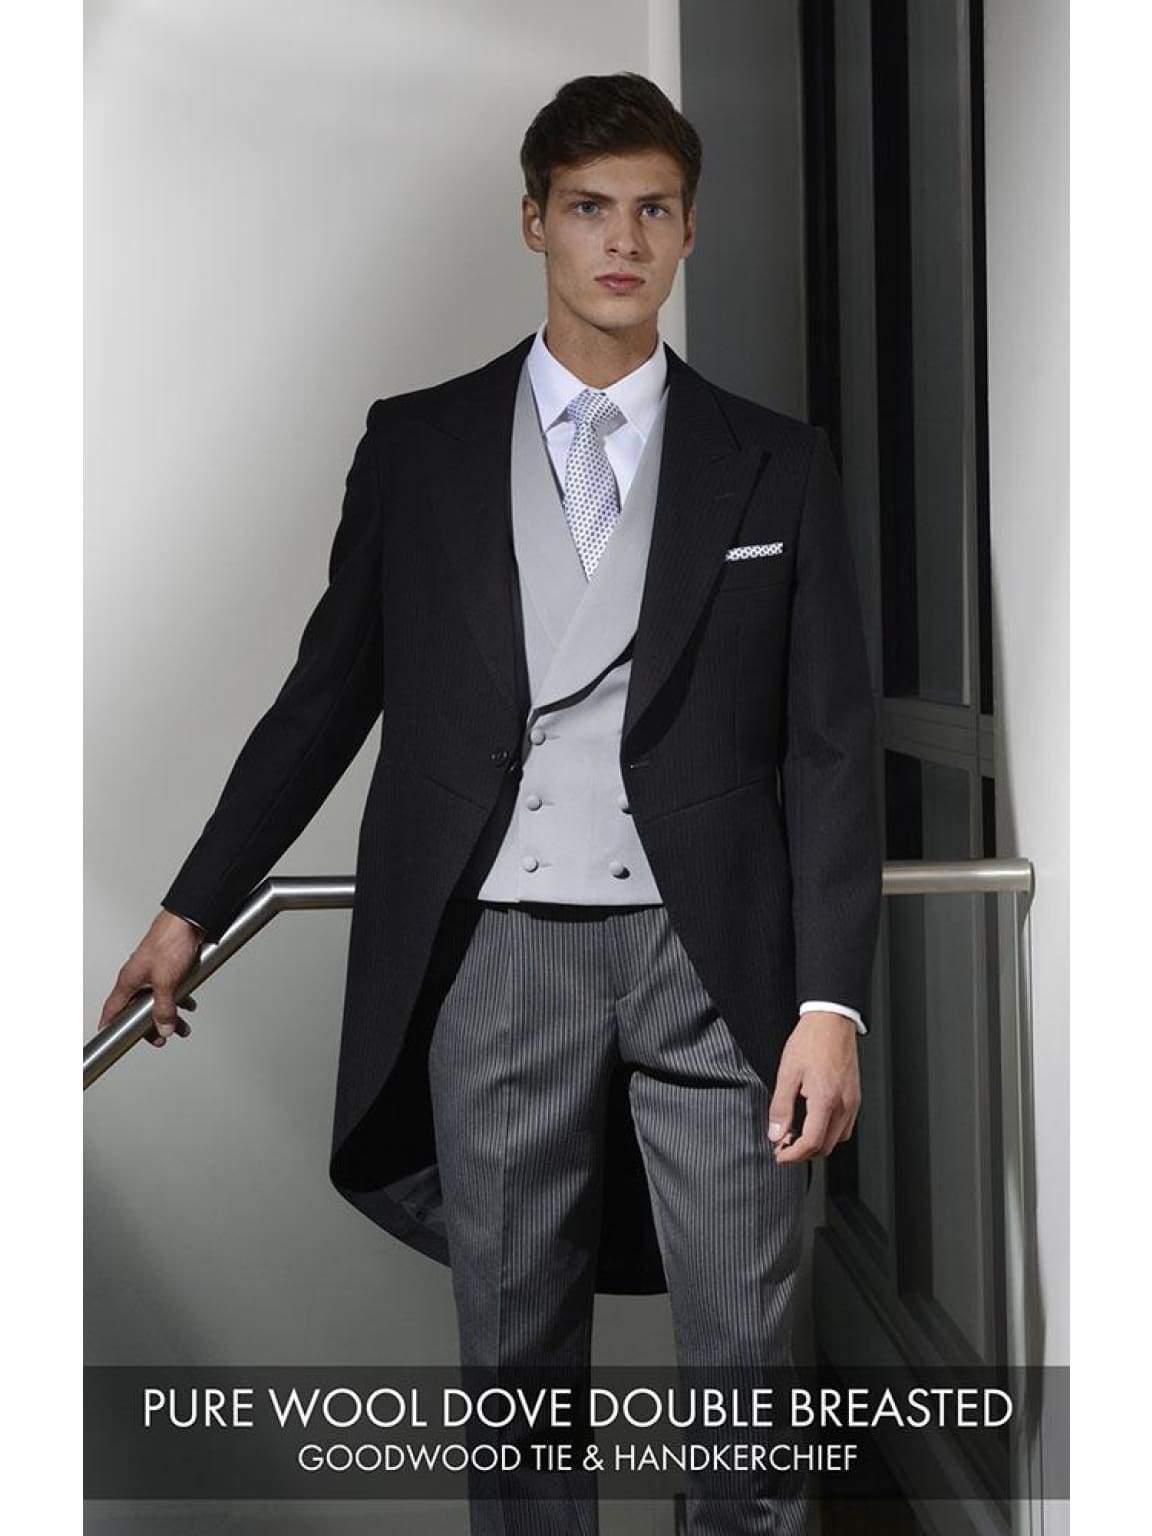 Heirloom Pure Wool Dove Double Breasted Luxury 100% Wool Tweed Waistcoat - 34R - WAISTCOATS